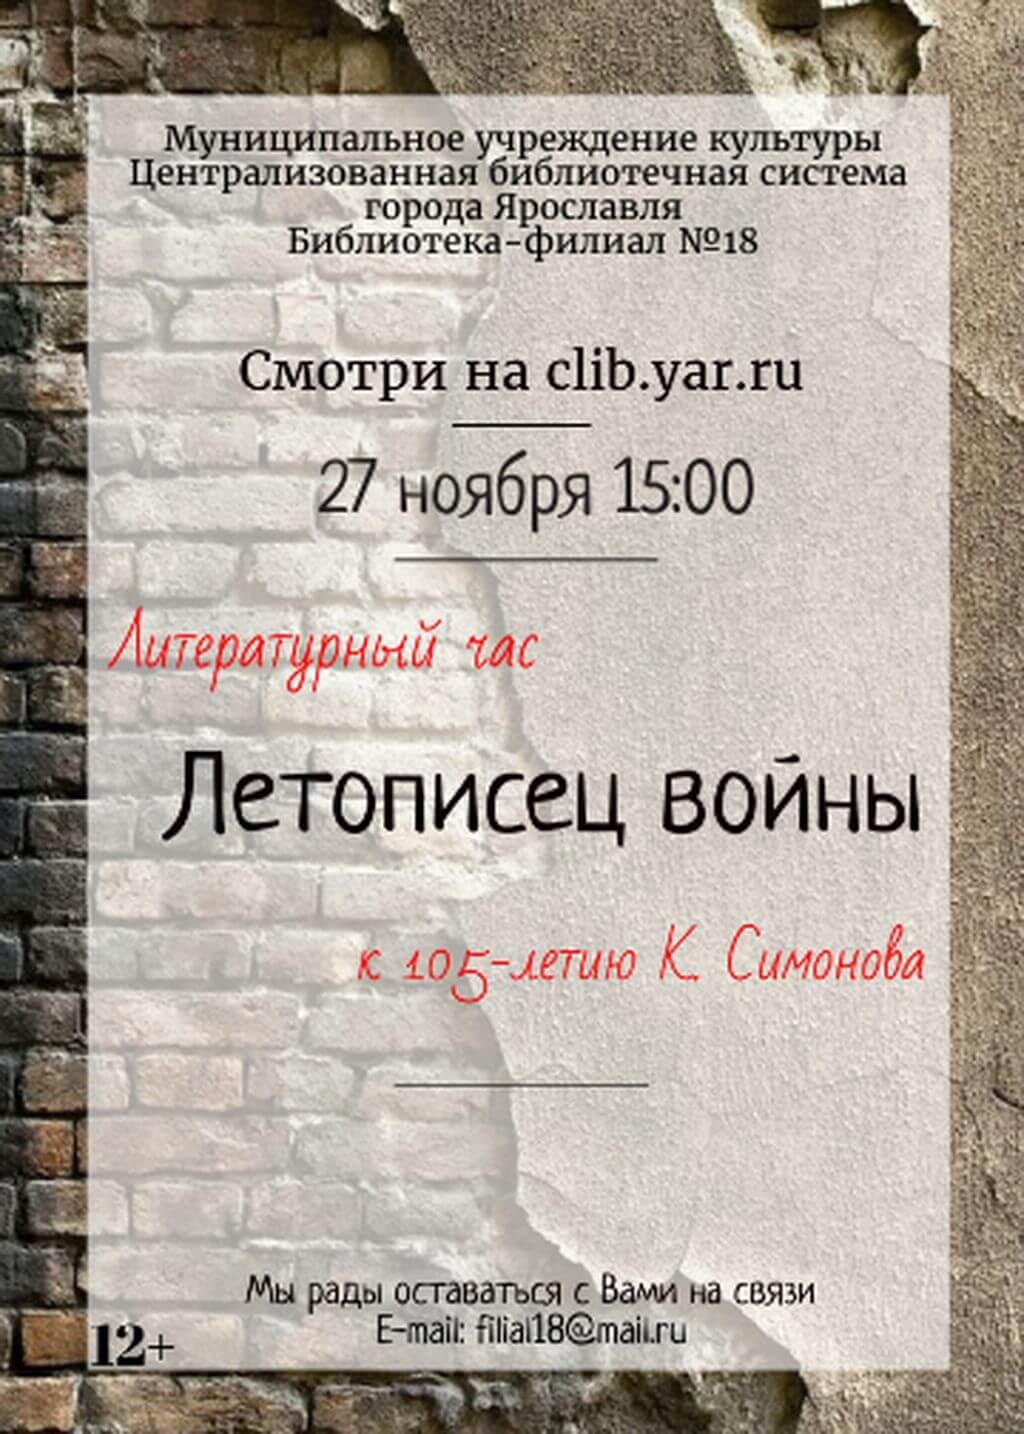 Литературный час «Летописец войны»